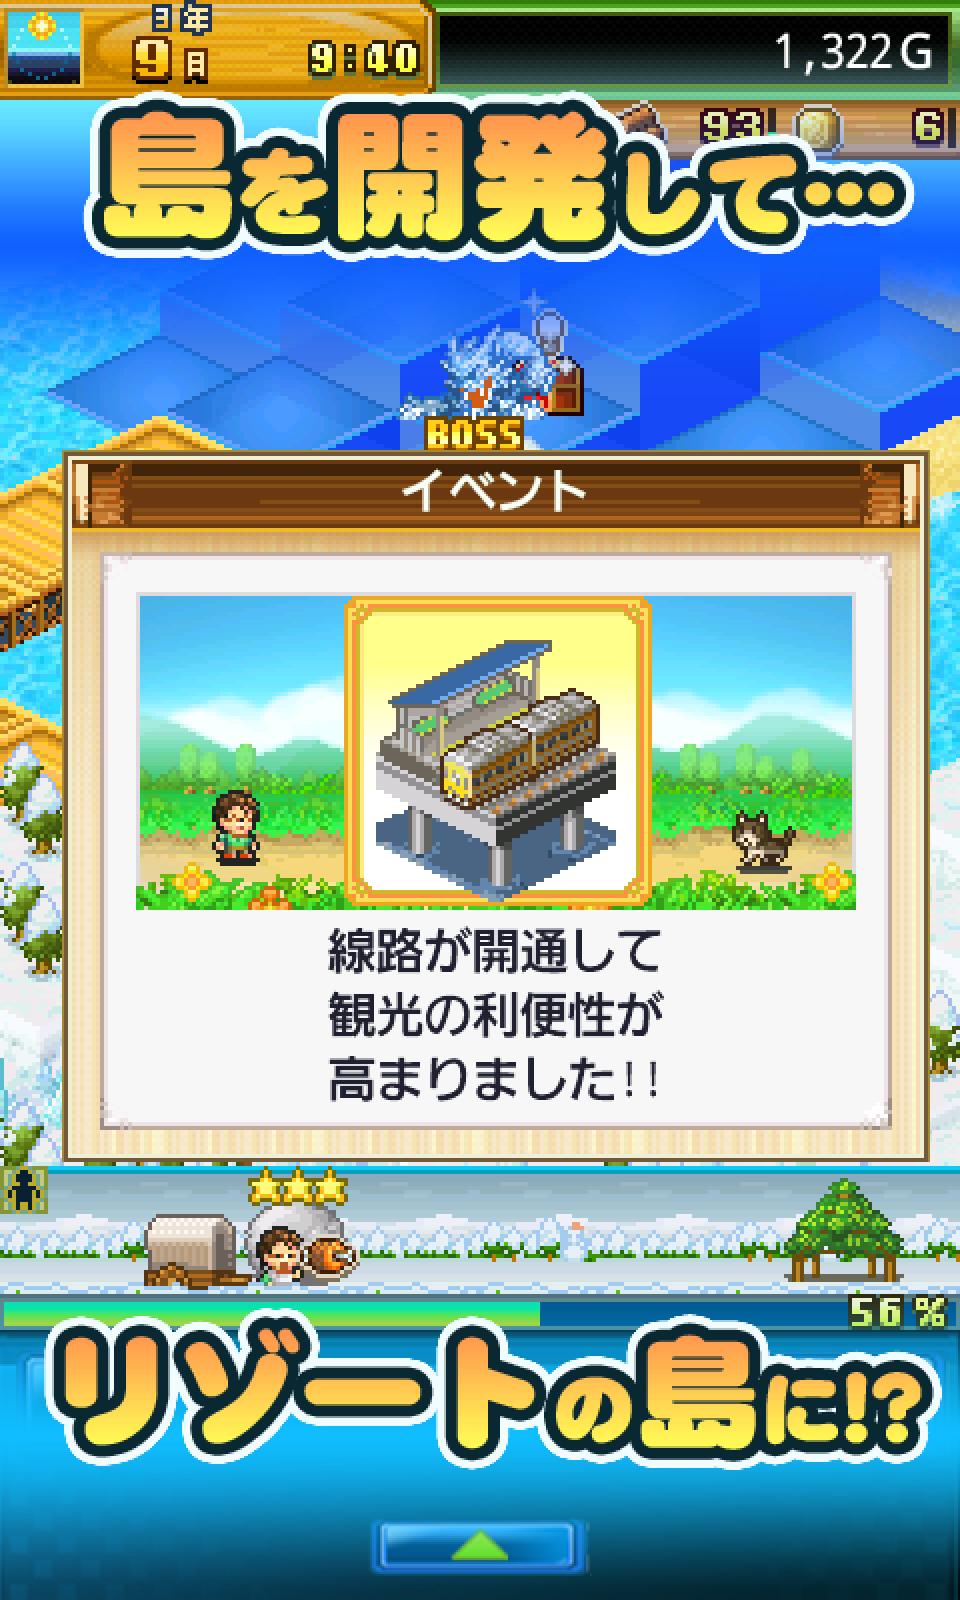 開拓サバイバル島 screenshot #12